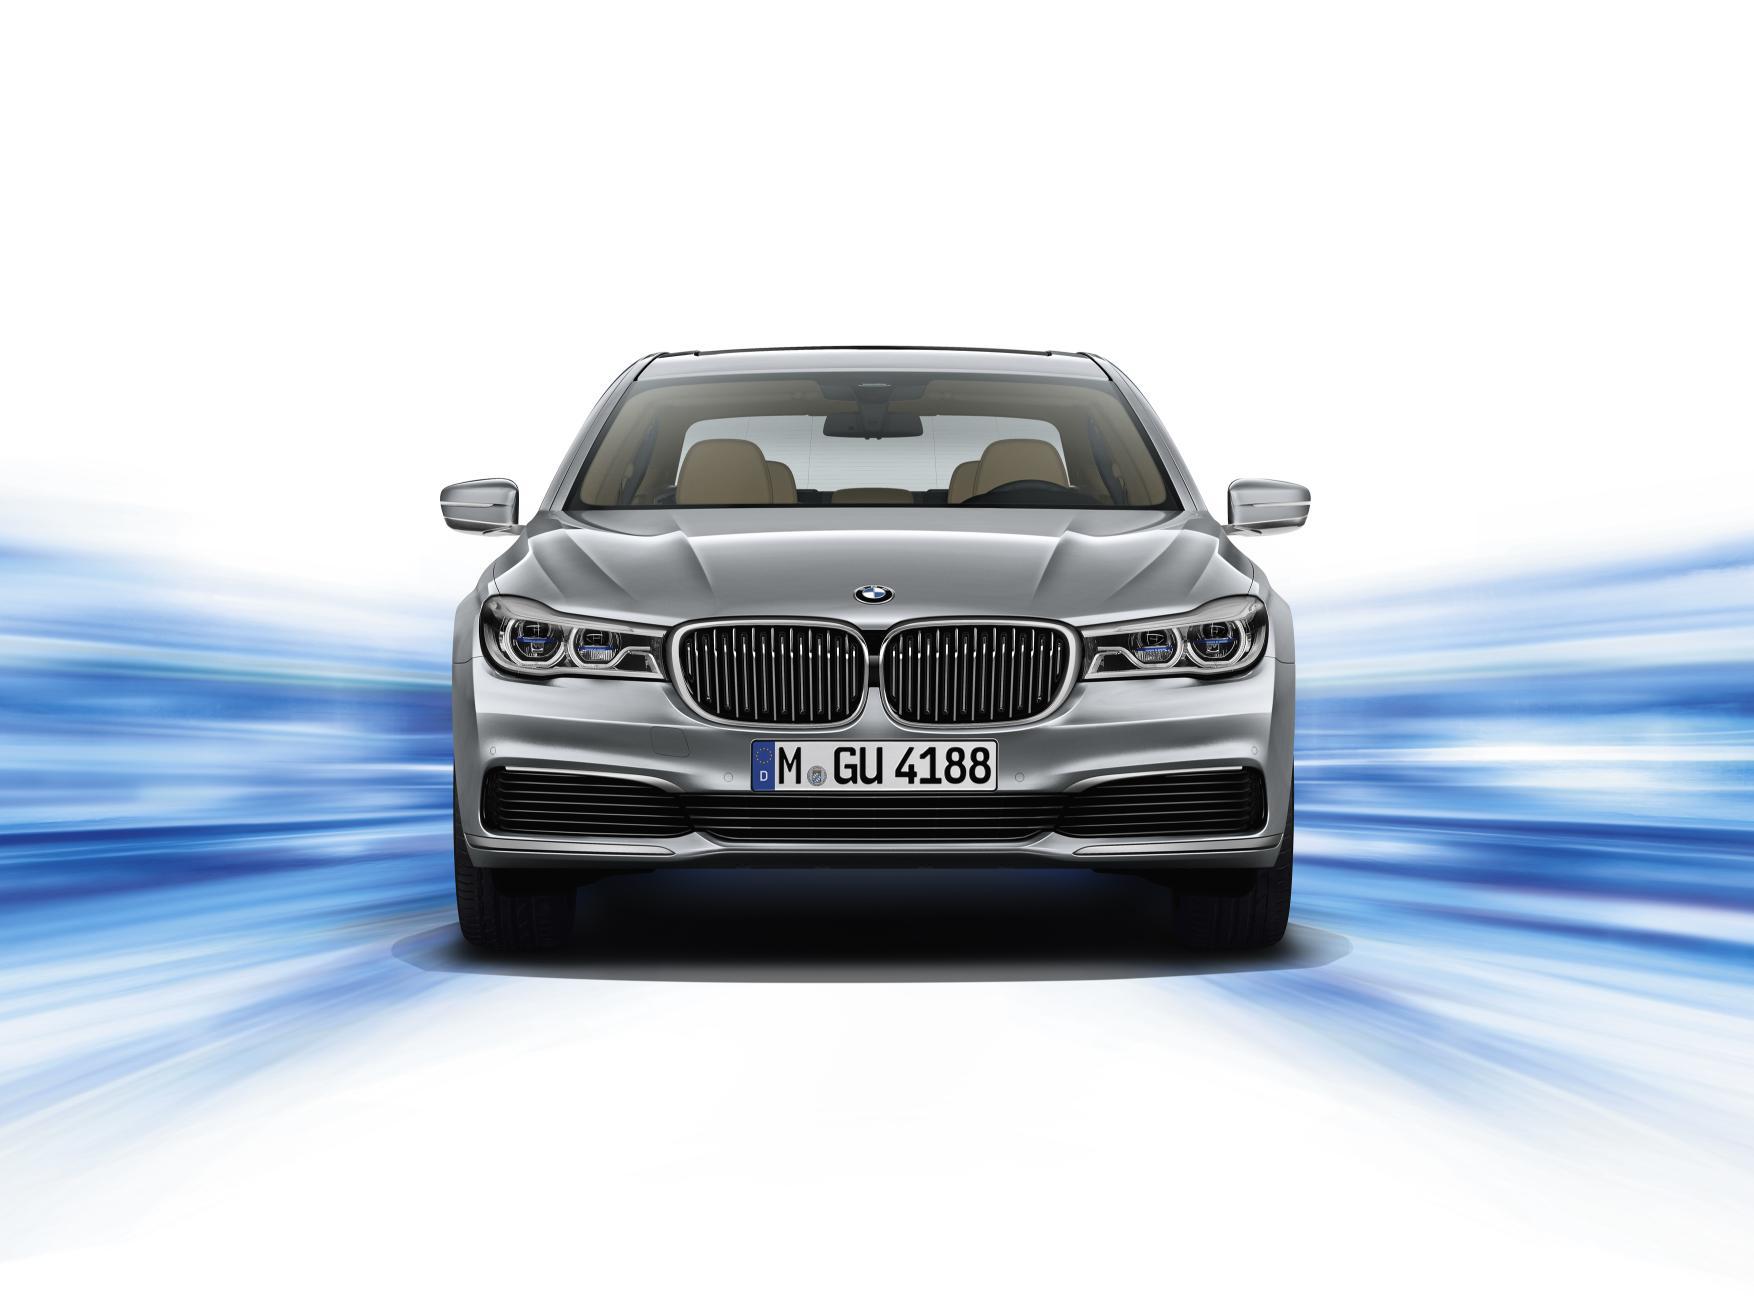 BMW Serie 7 eDrive: La gran berlina de lujo se vuelve híbrida y enchufable 2